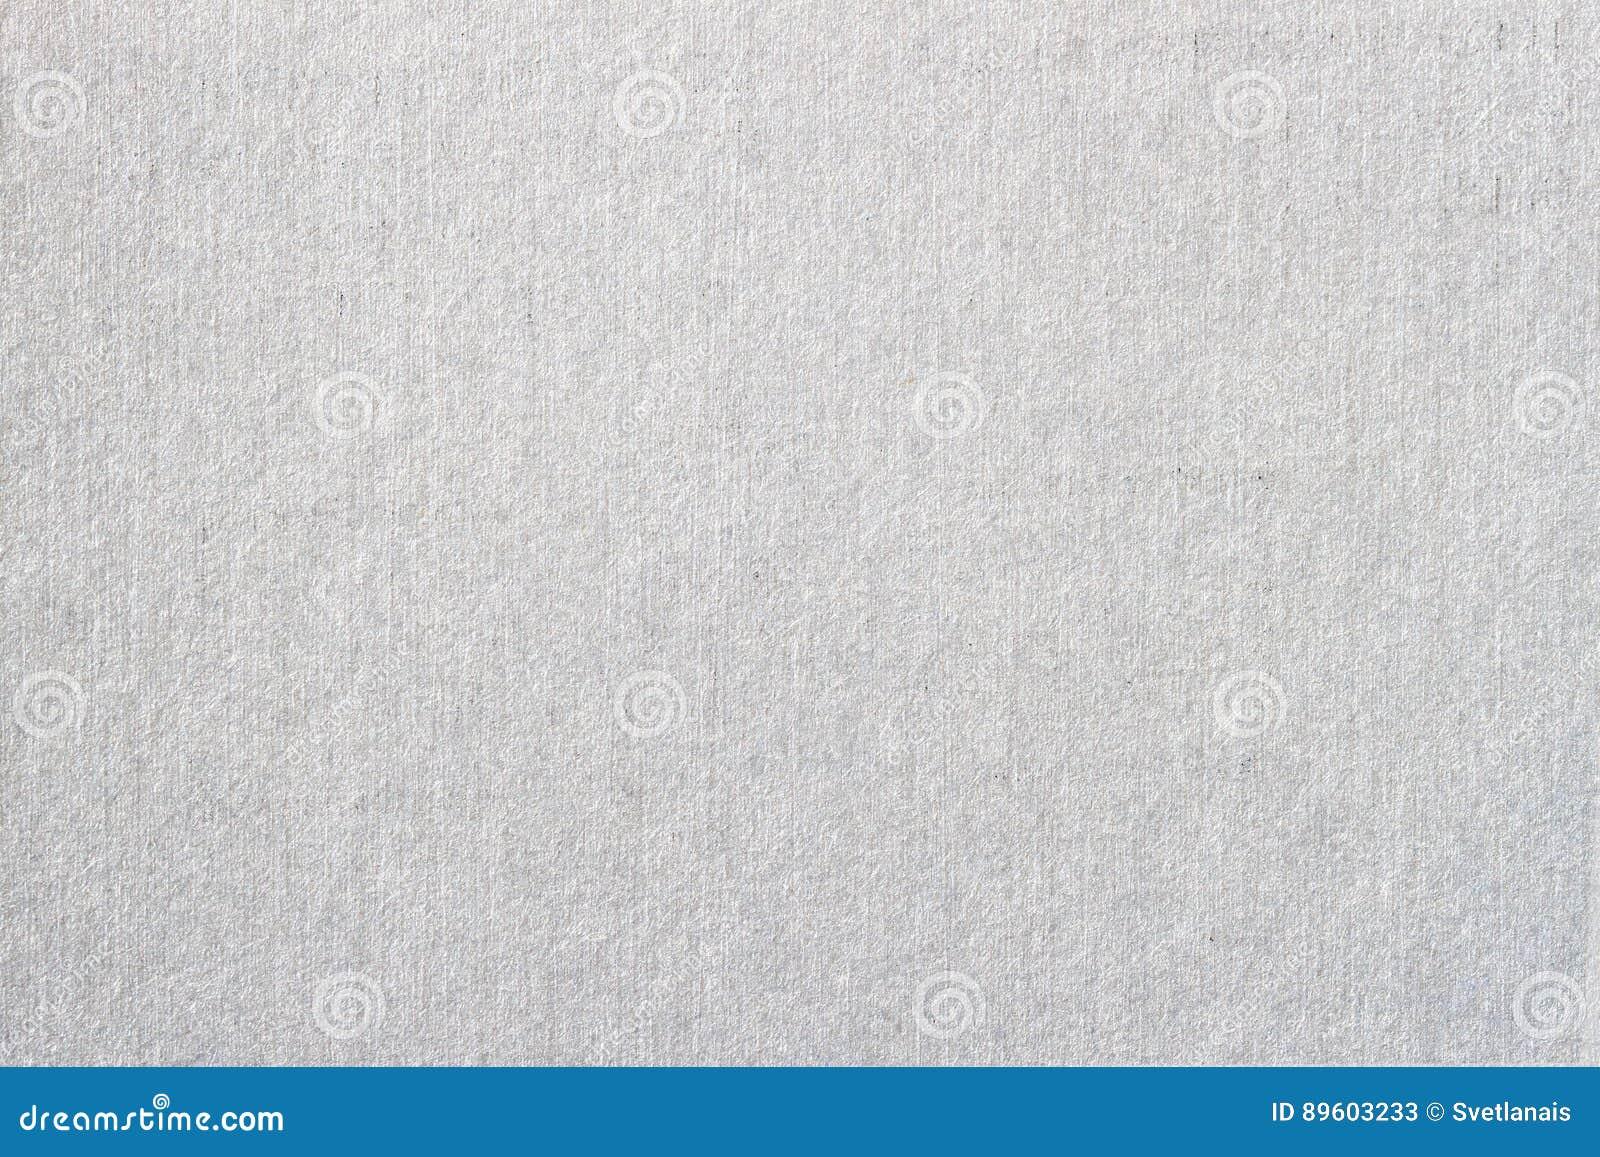 Textuur van document met gemetalliseerde deklaag voor kunstwerk High-tech stijl Moderne achtergrond, achtergrond, substraat